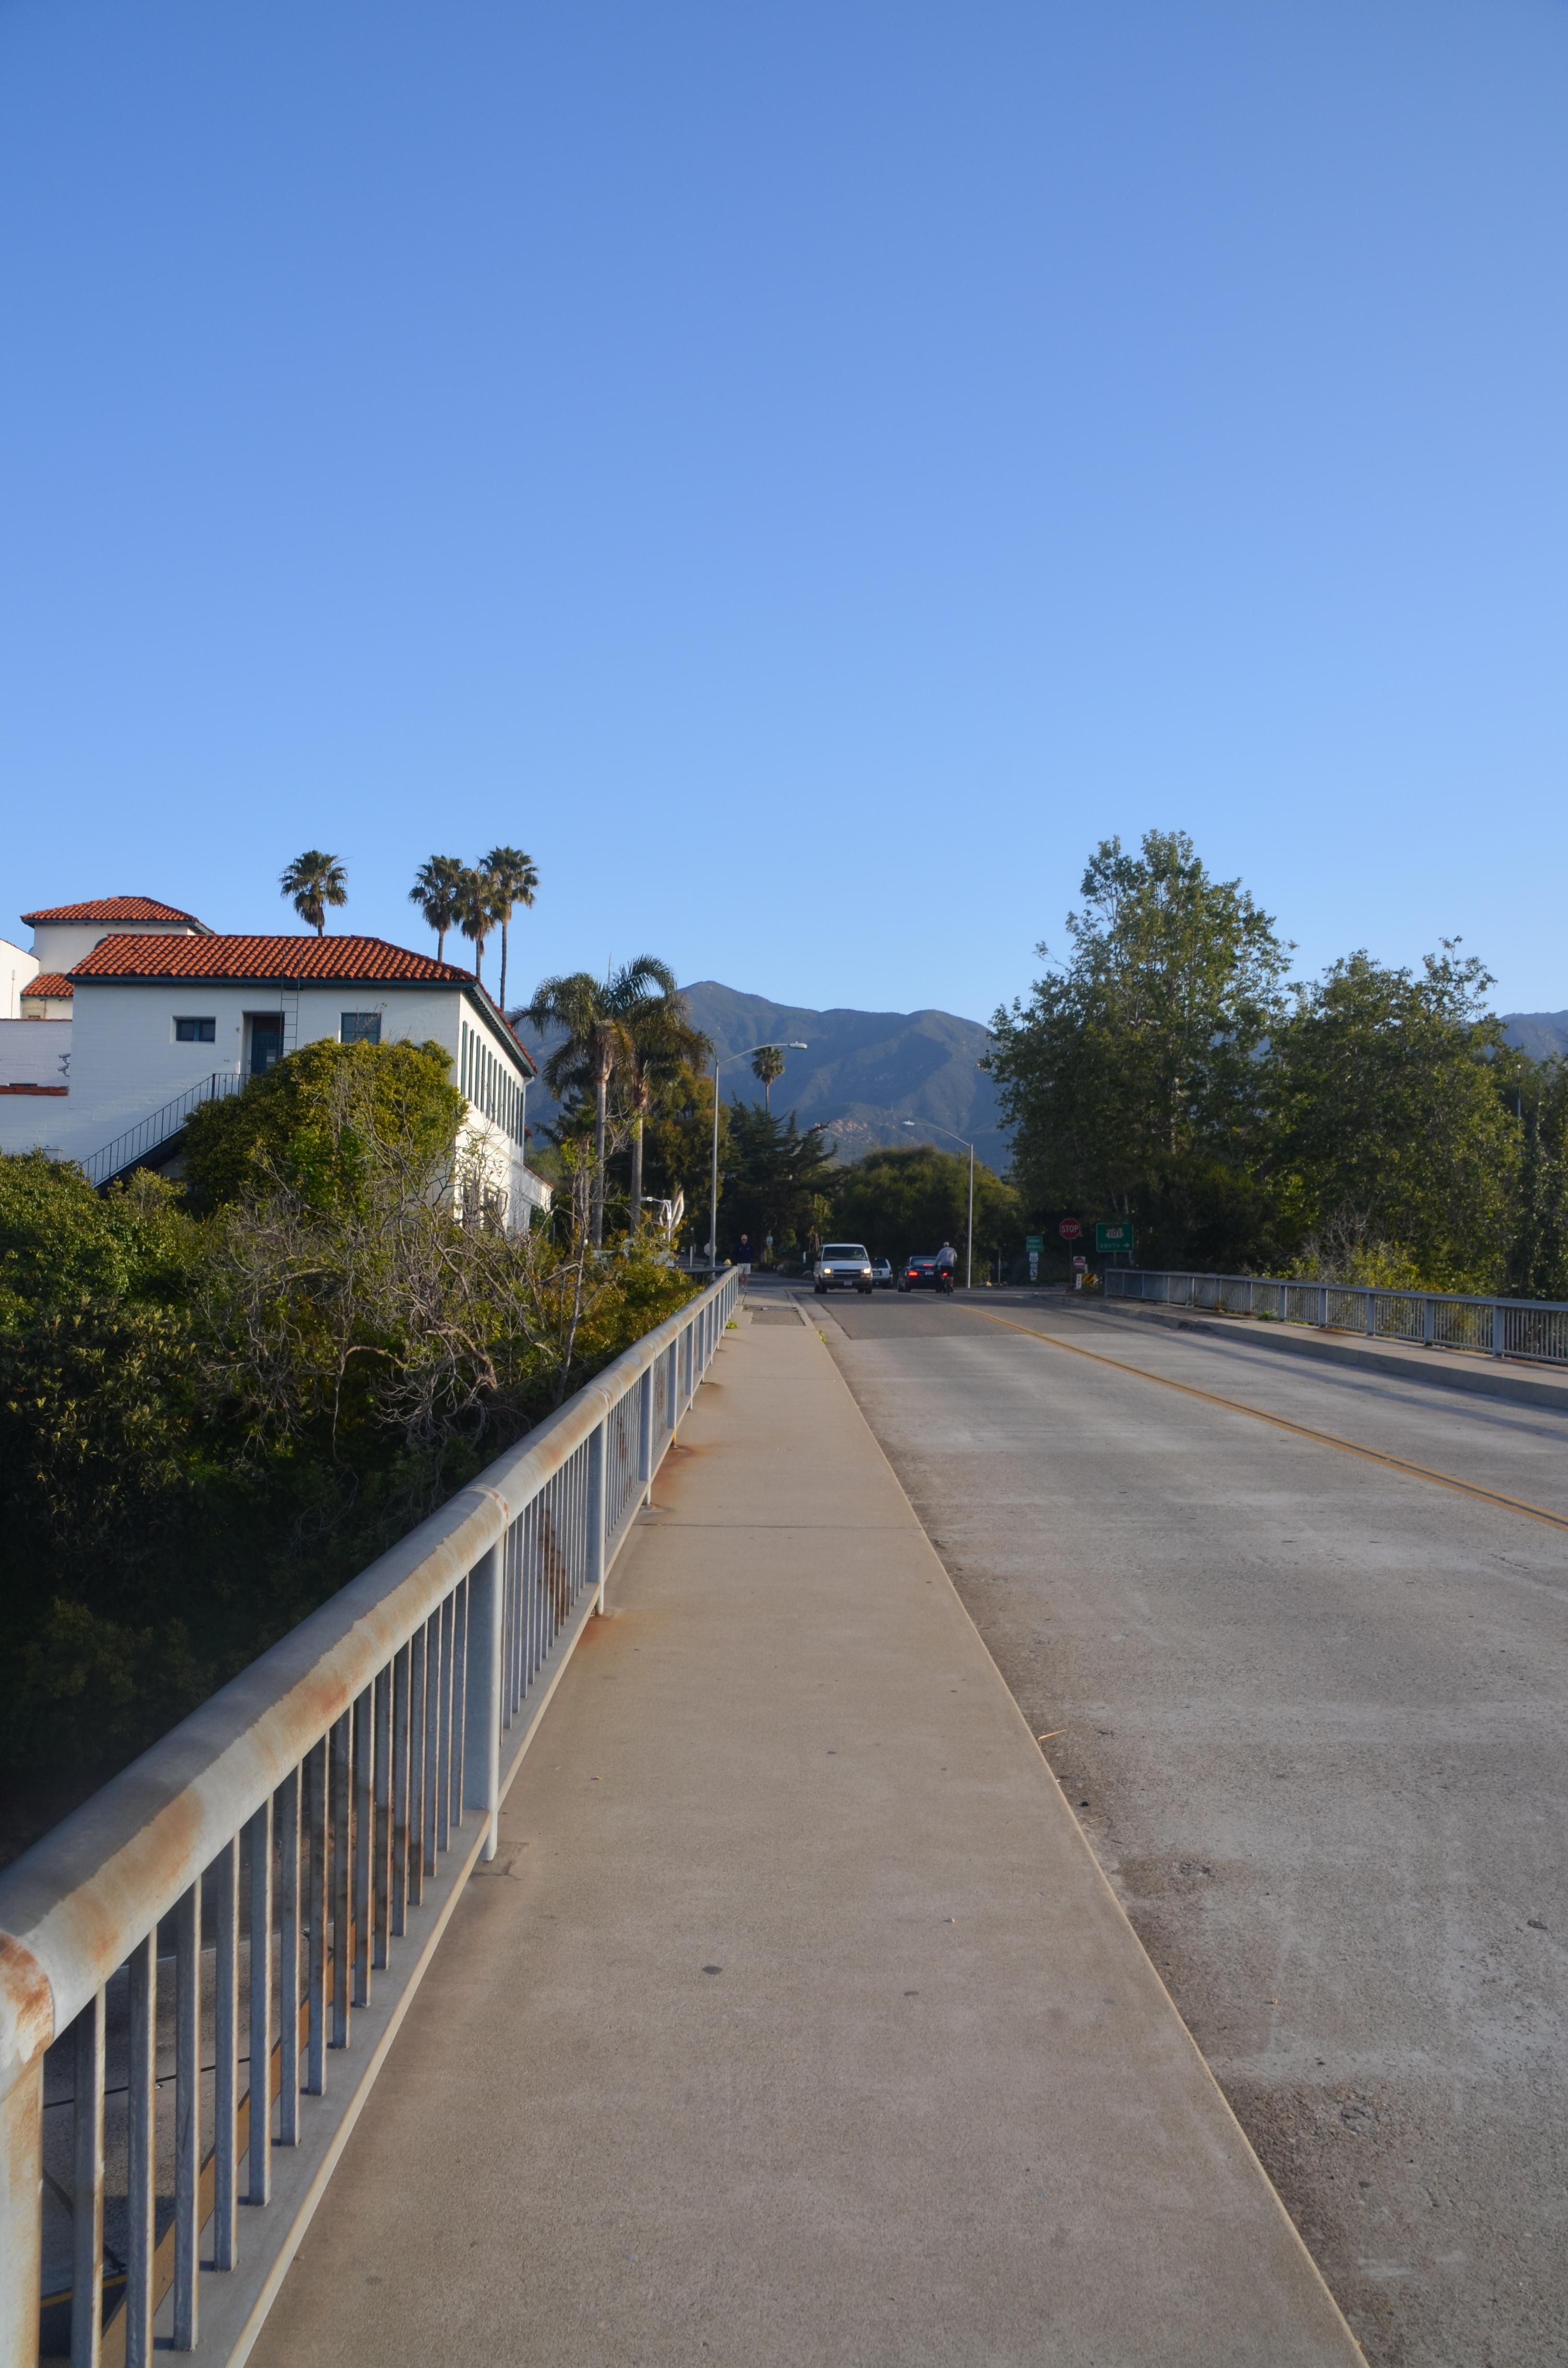 Getting Around Santa Barbara Without Car